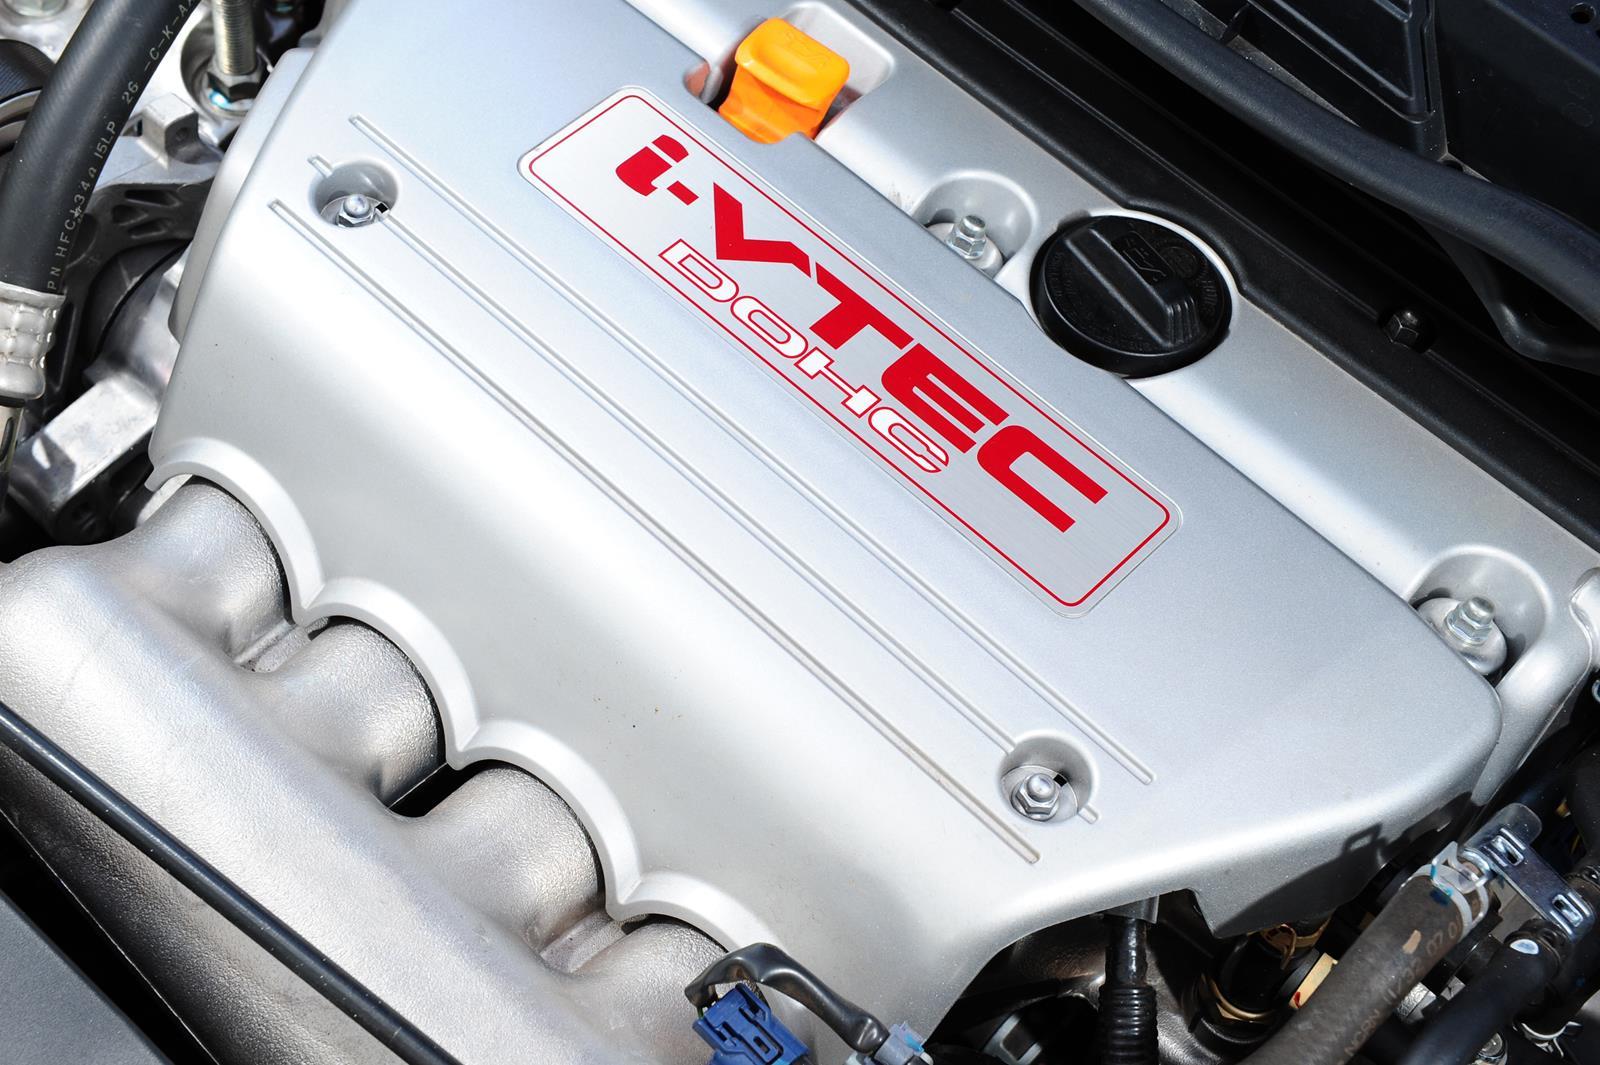 Motores como o clássico 2.0 i-VTEC do Civic Si ficarão para a história